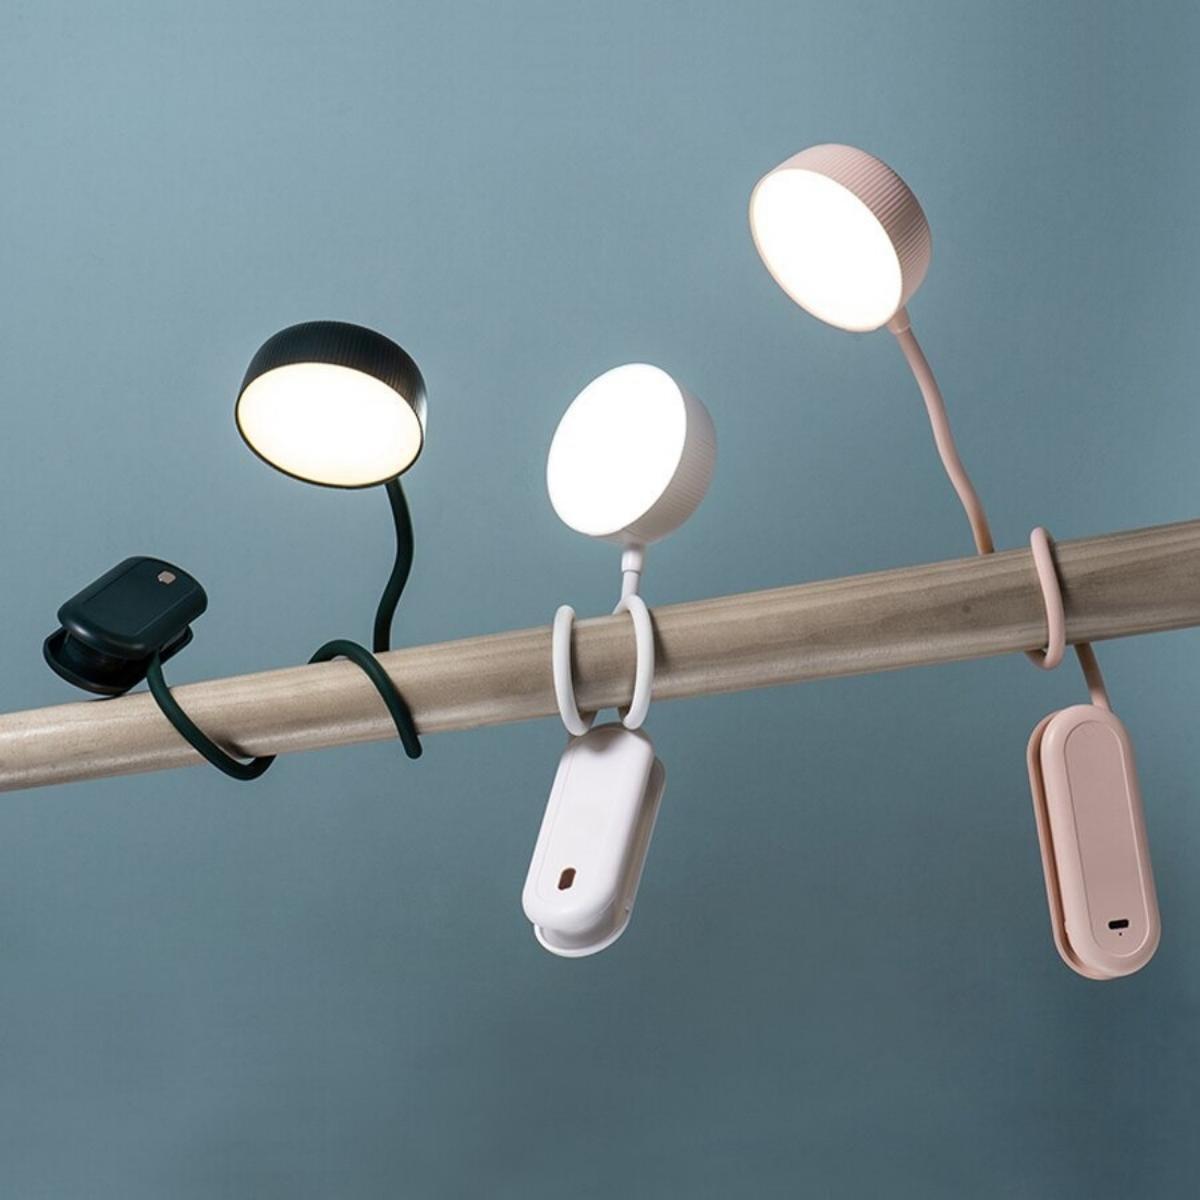 Leeslamp voor boek - Bedlamp - Leeslampje - Oplaadbare lamp - Dimbaar - Verstelbaar - Flexibel - Bedlampjes Staand en Hangend voor Slaapkamer, Bed of Nachtkastje - Neklamp - Wit